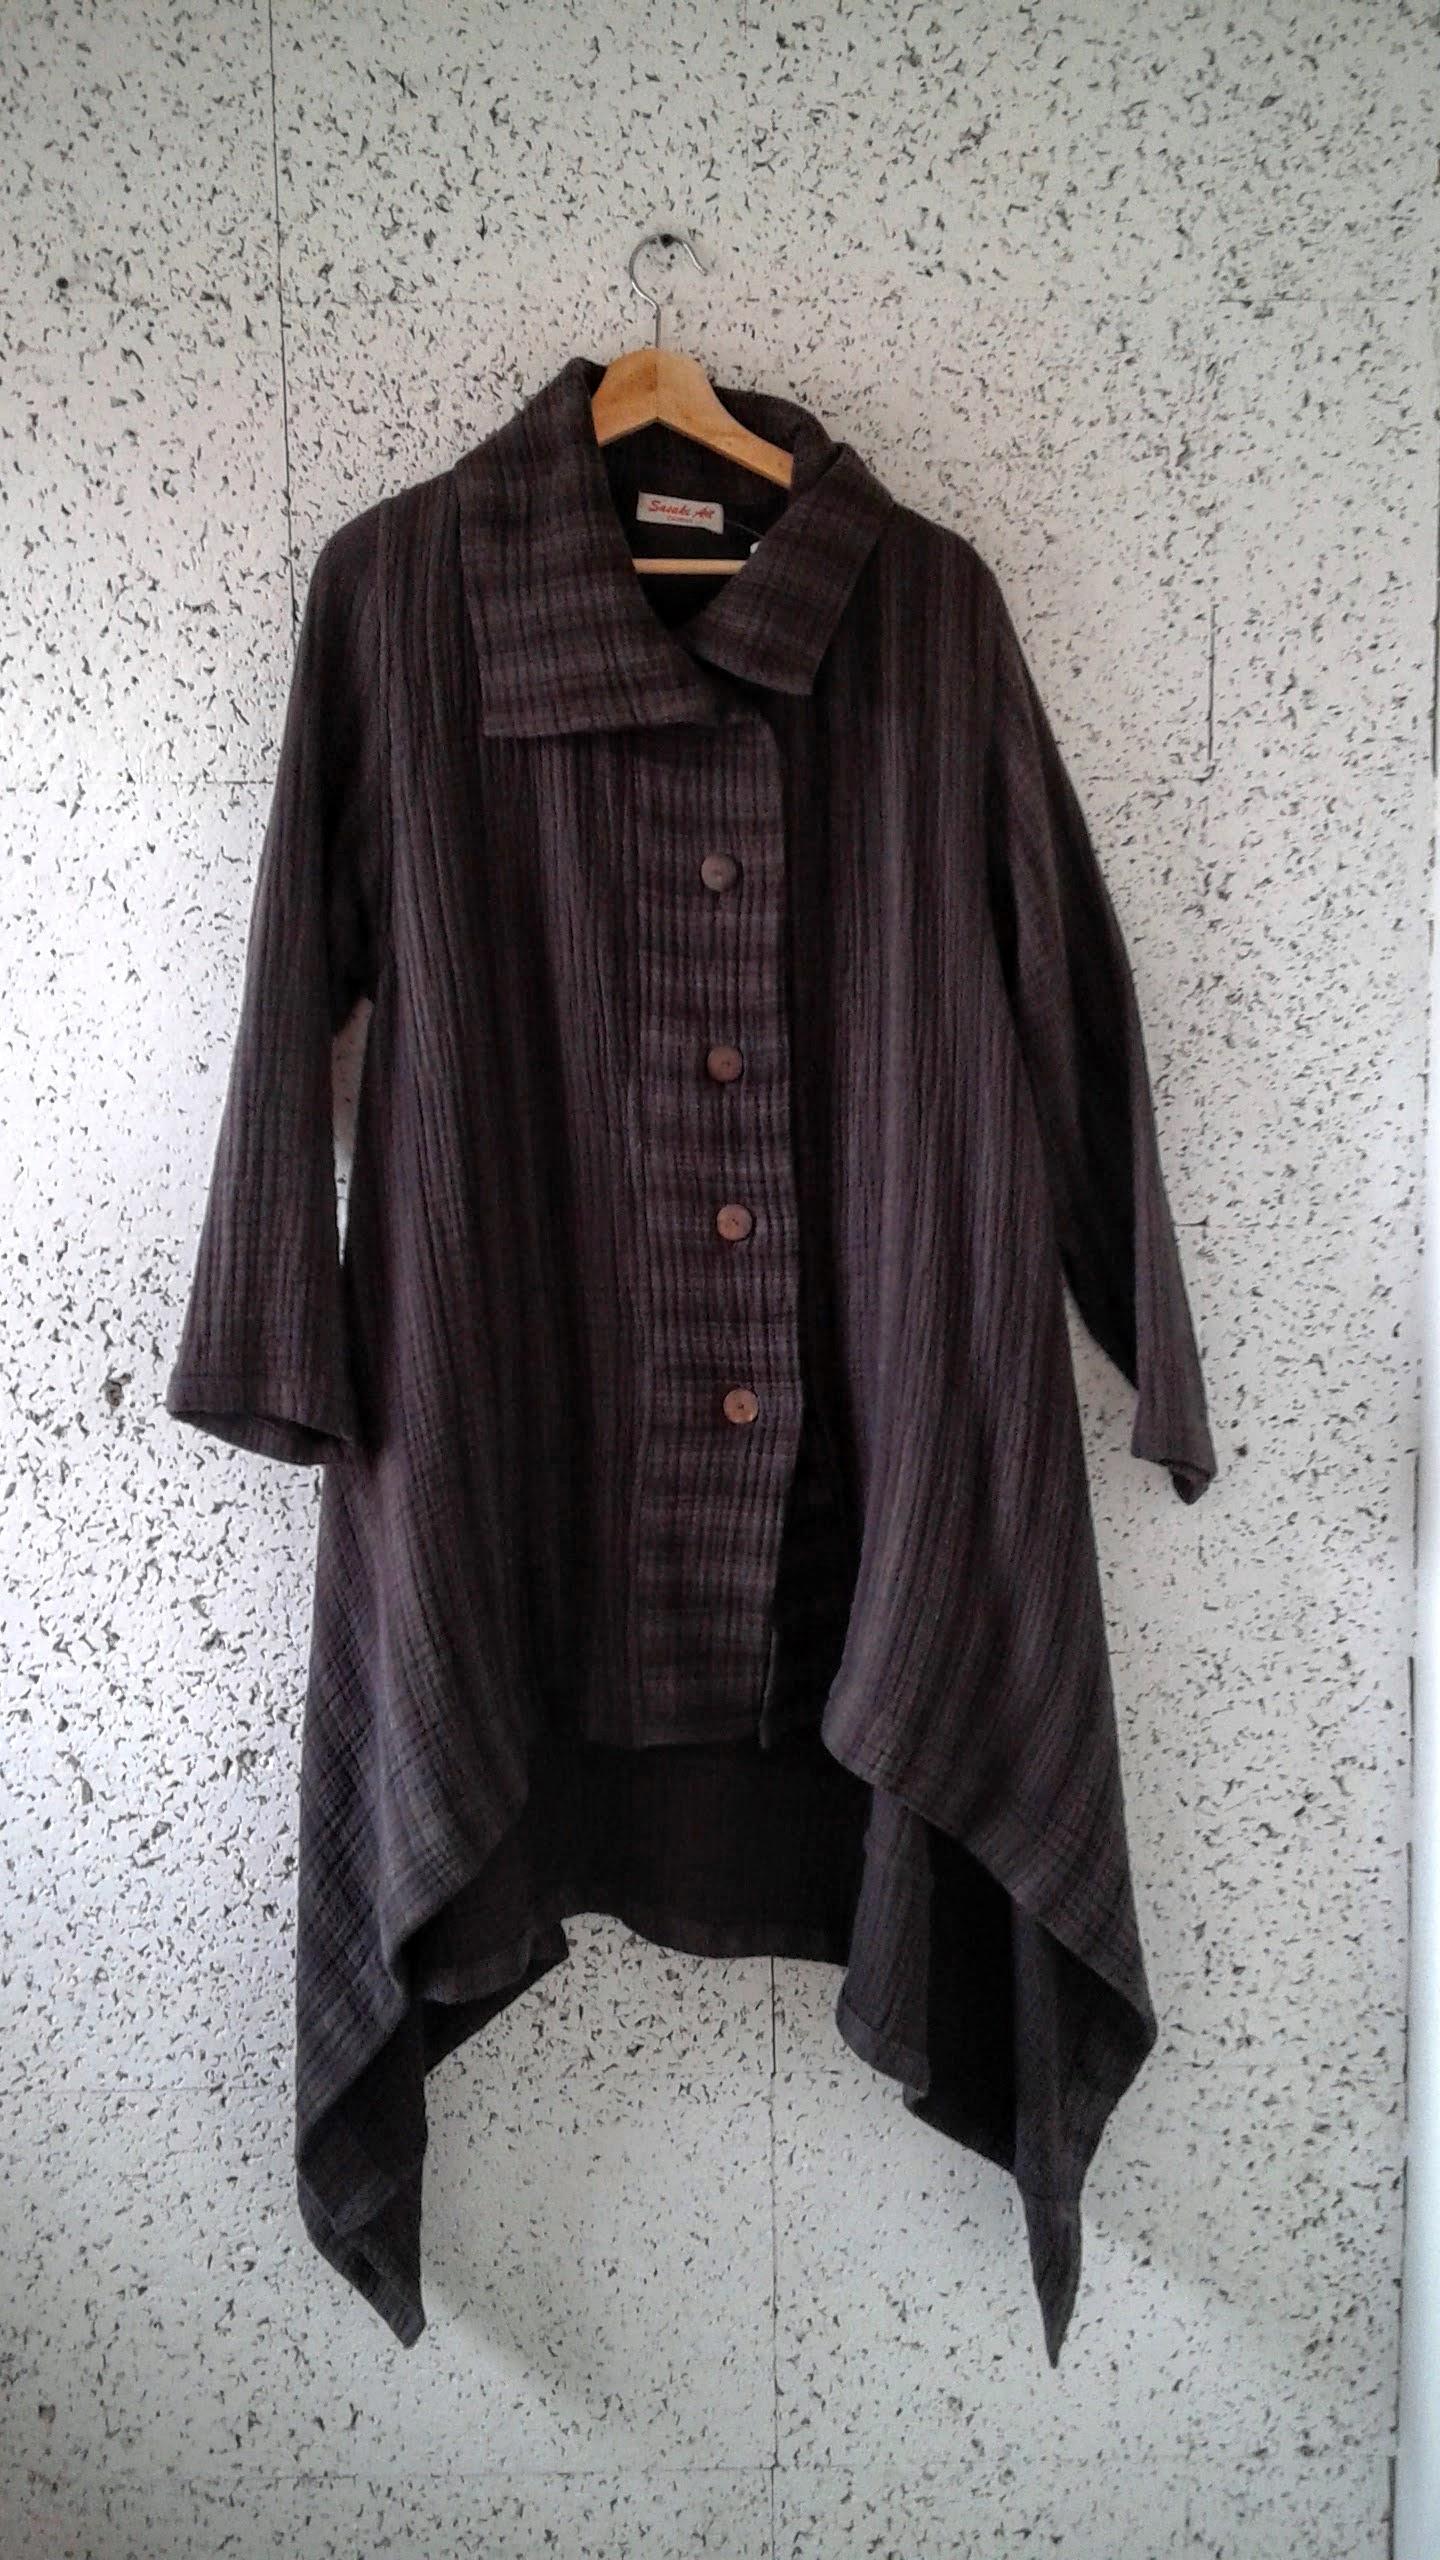 Sasaki Art coat; Size M, $62